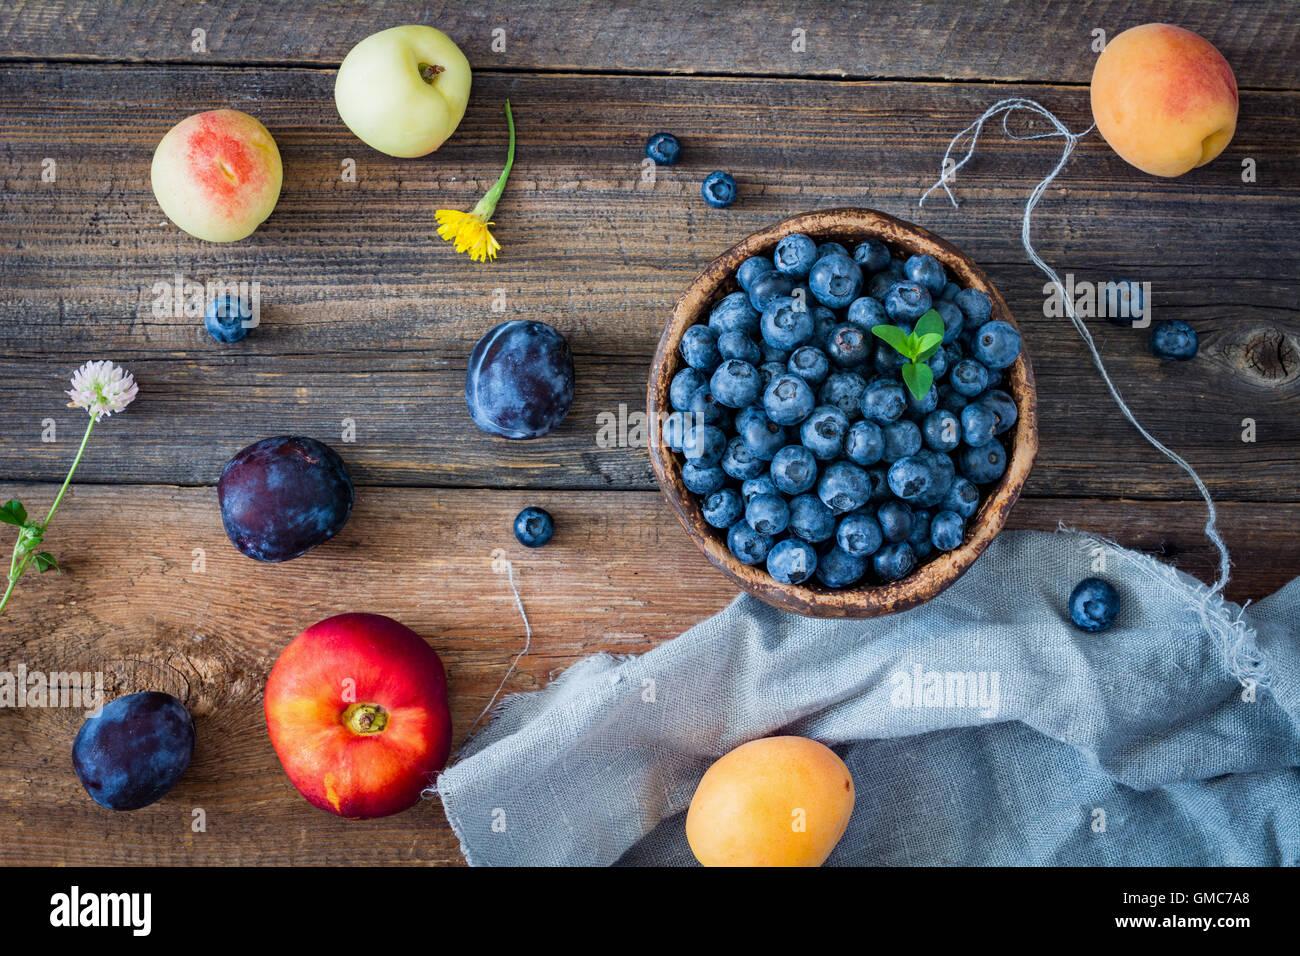 Frutta fresca su un tavolo di legno. Vista superiore Immagini Stock